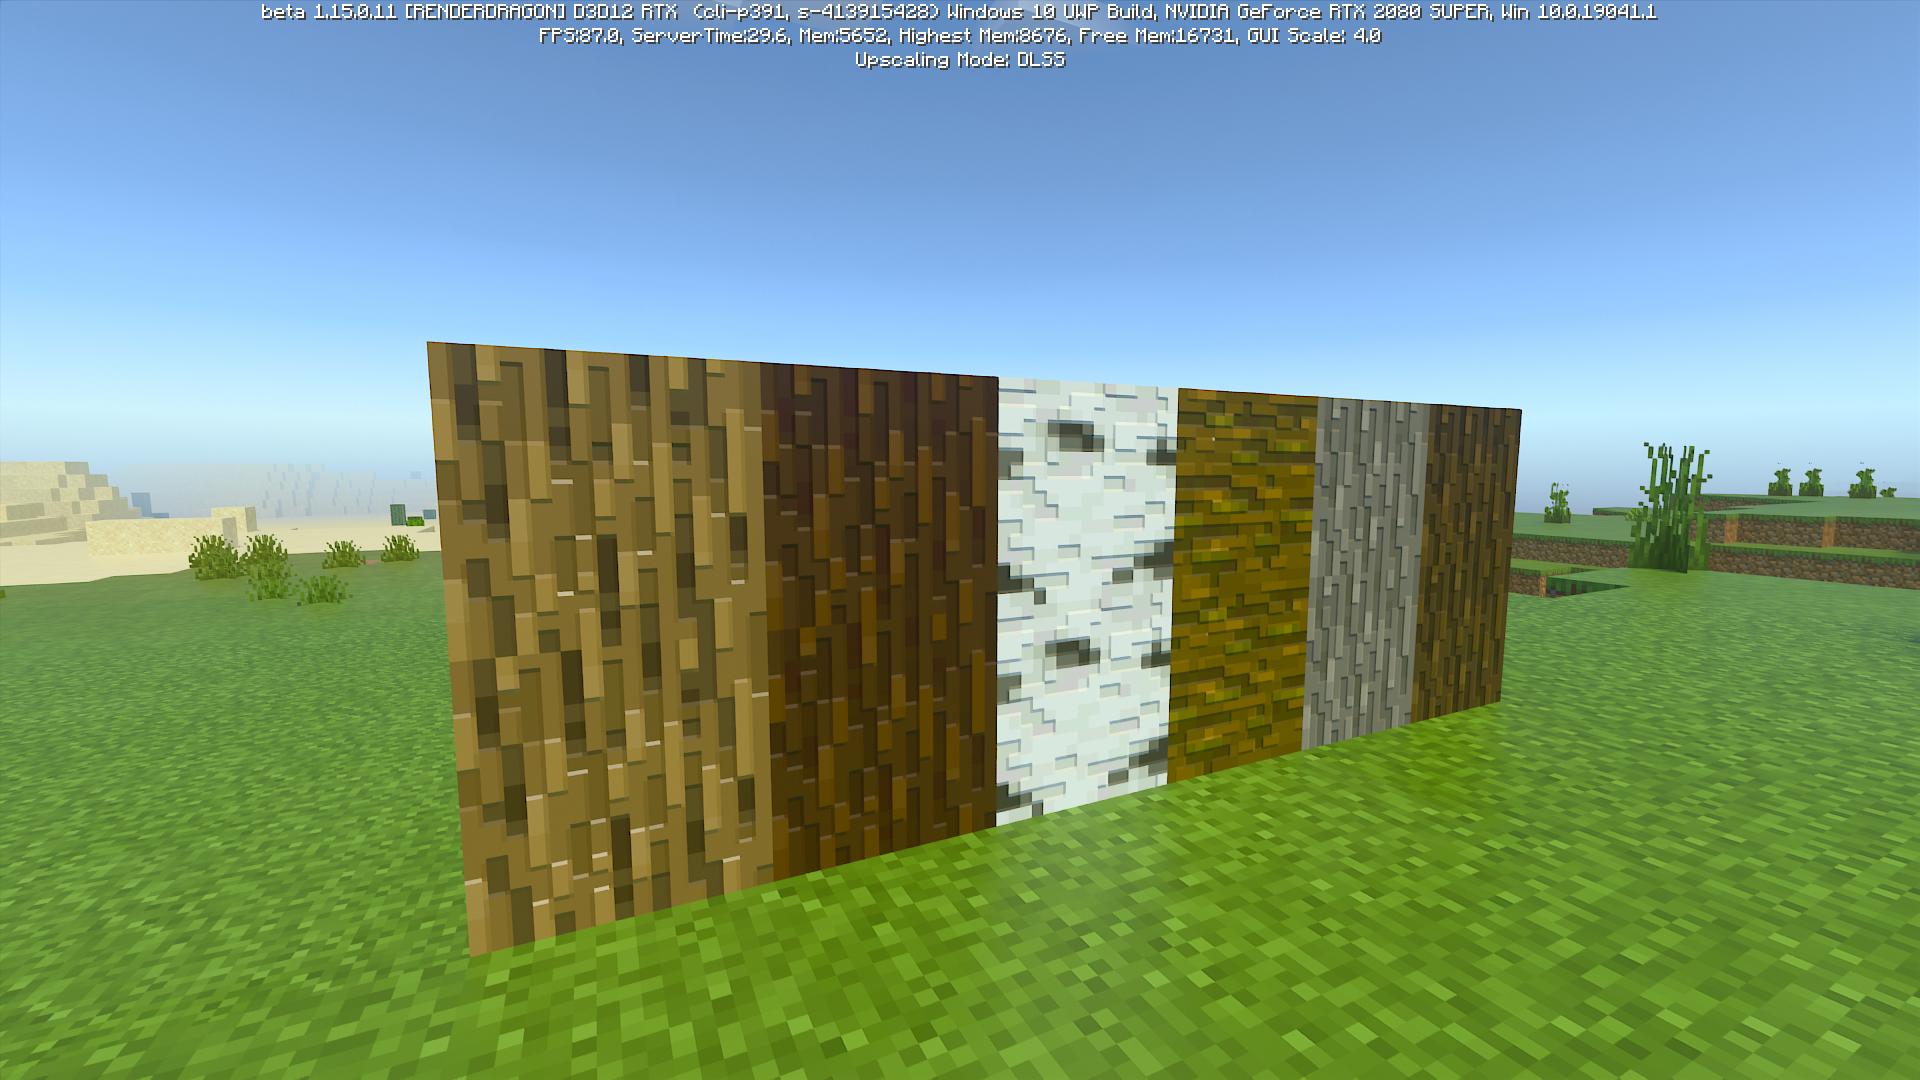 木のテクスチャも何種類か作り、それぞれでこぼこの表現を追加しているという